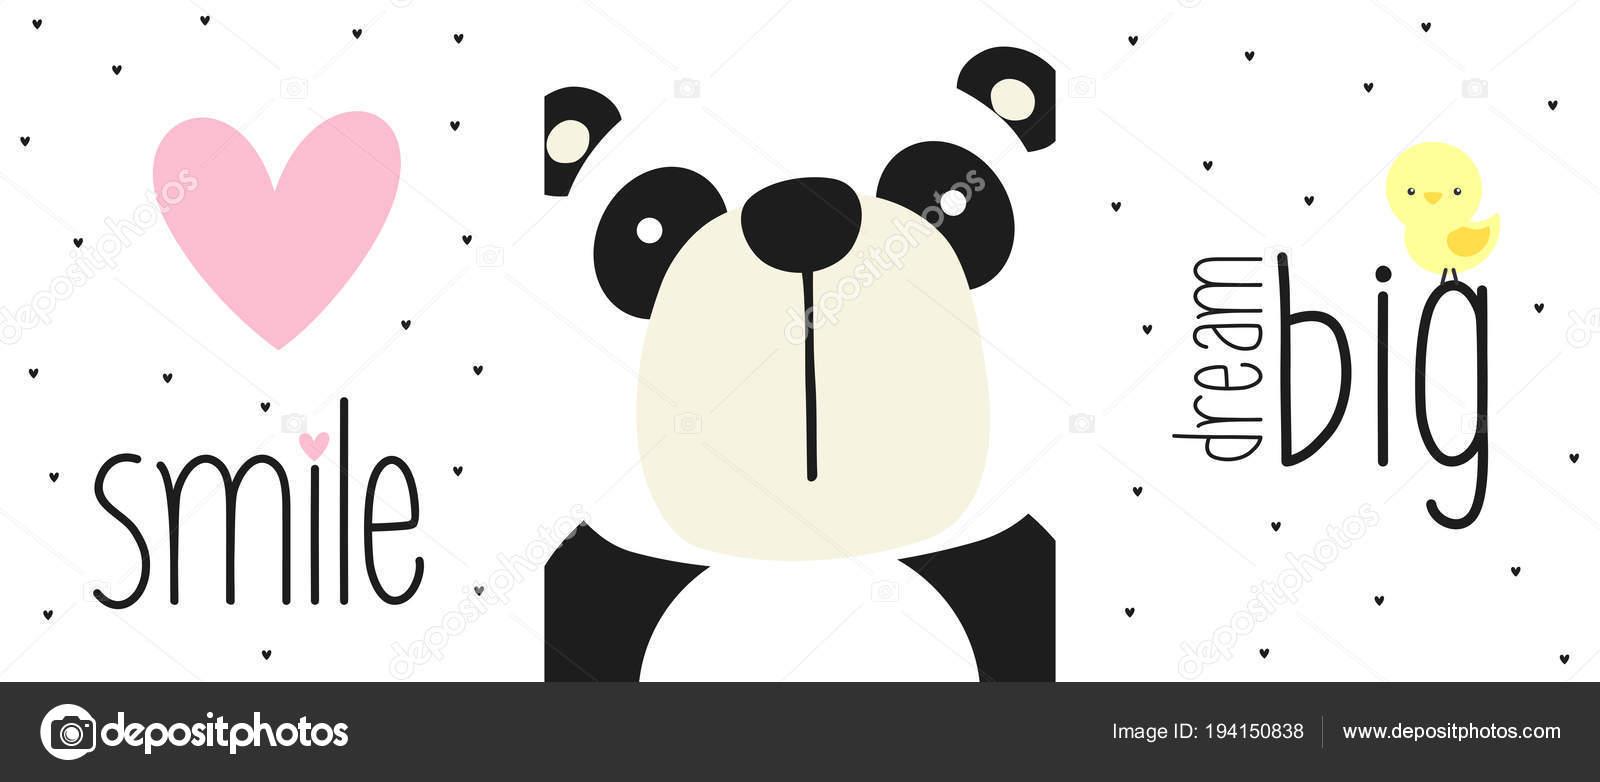 Simpatico Orso Panda Faccia Con Citazioni Elementi Design